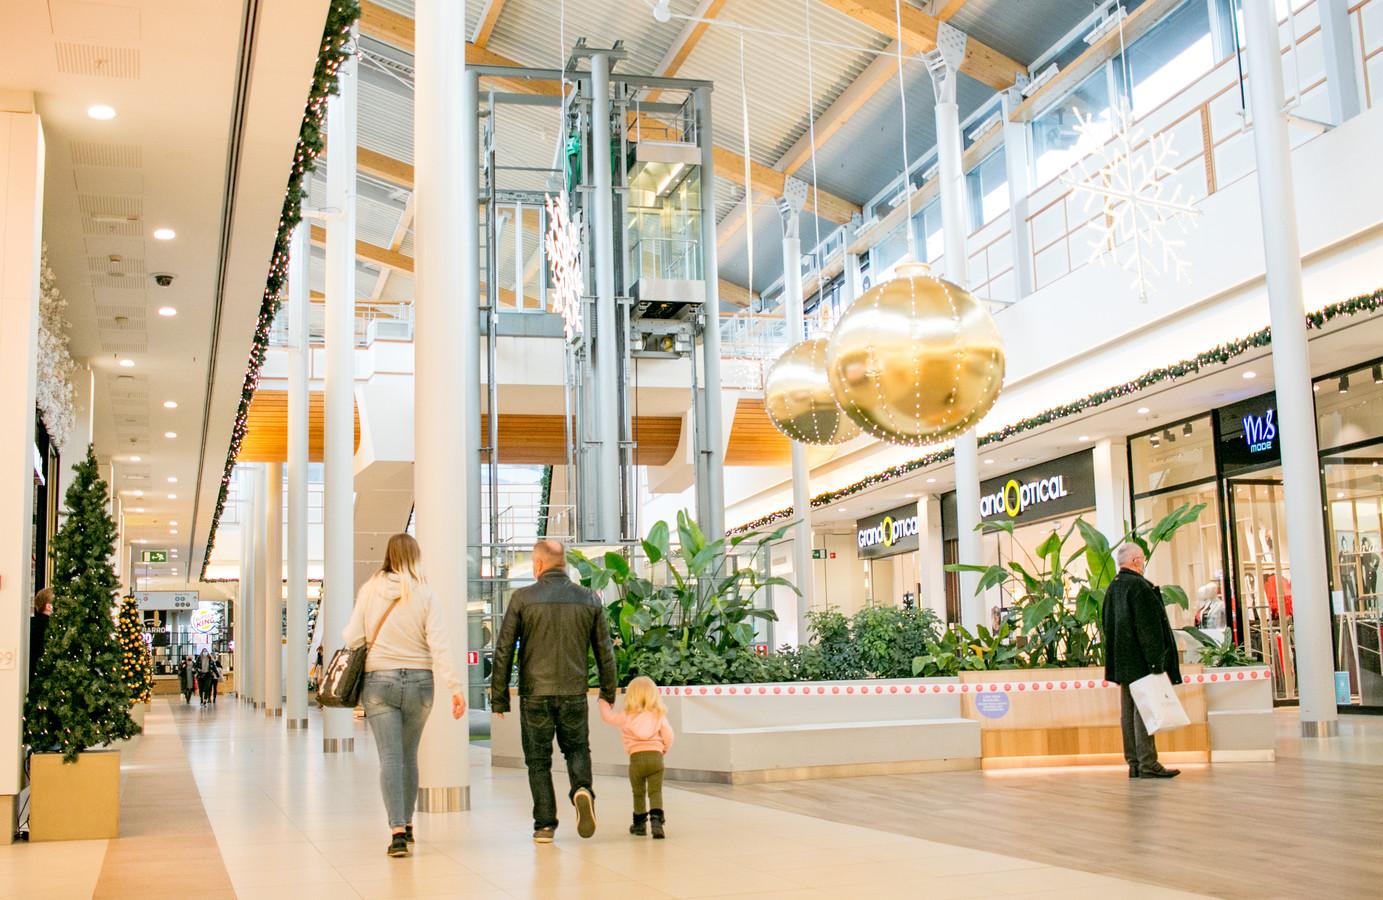 Waasland Shopping in Sint-Niklaas.